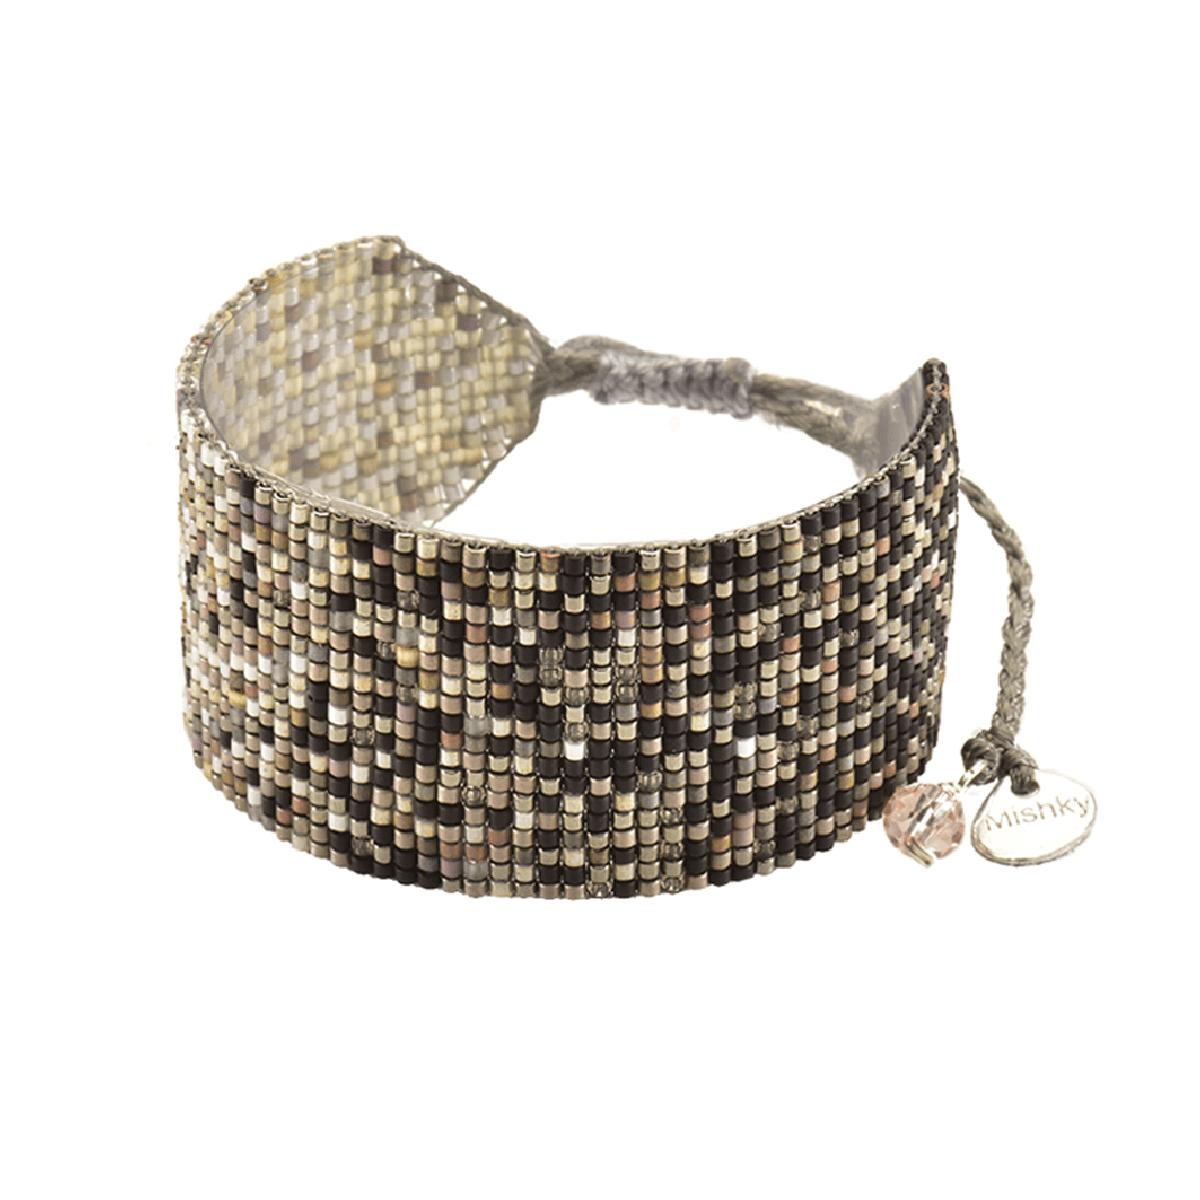 MISHKY, Bracelet Rays ombre médium en perles multicolores noir, cuivre & beige - cassisroyal.com